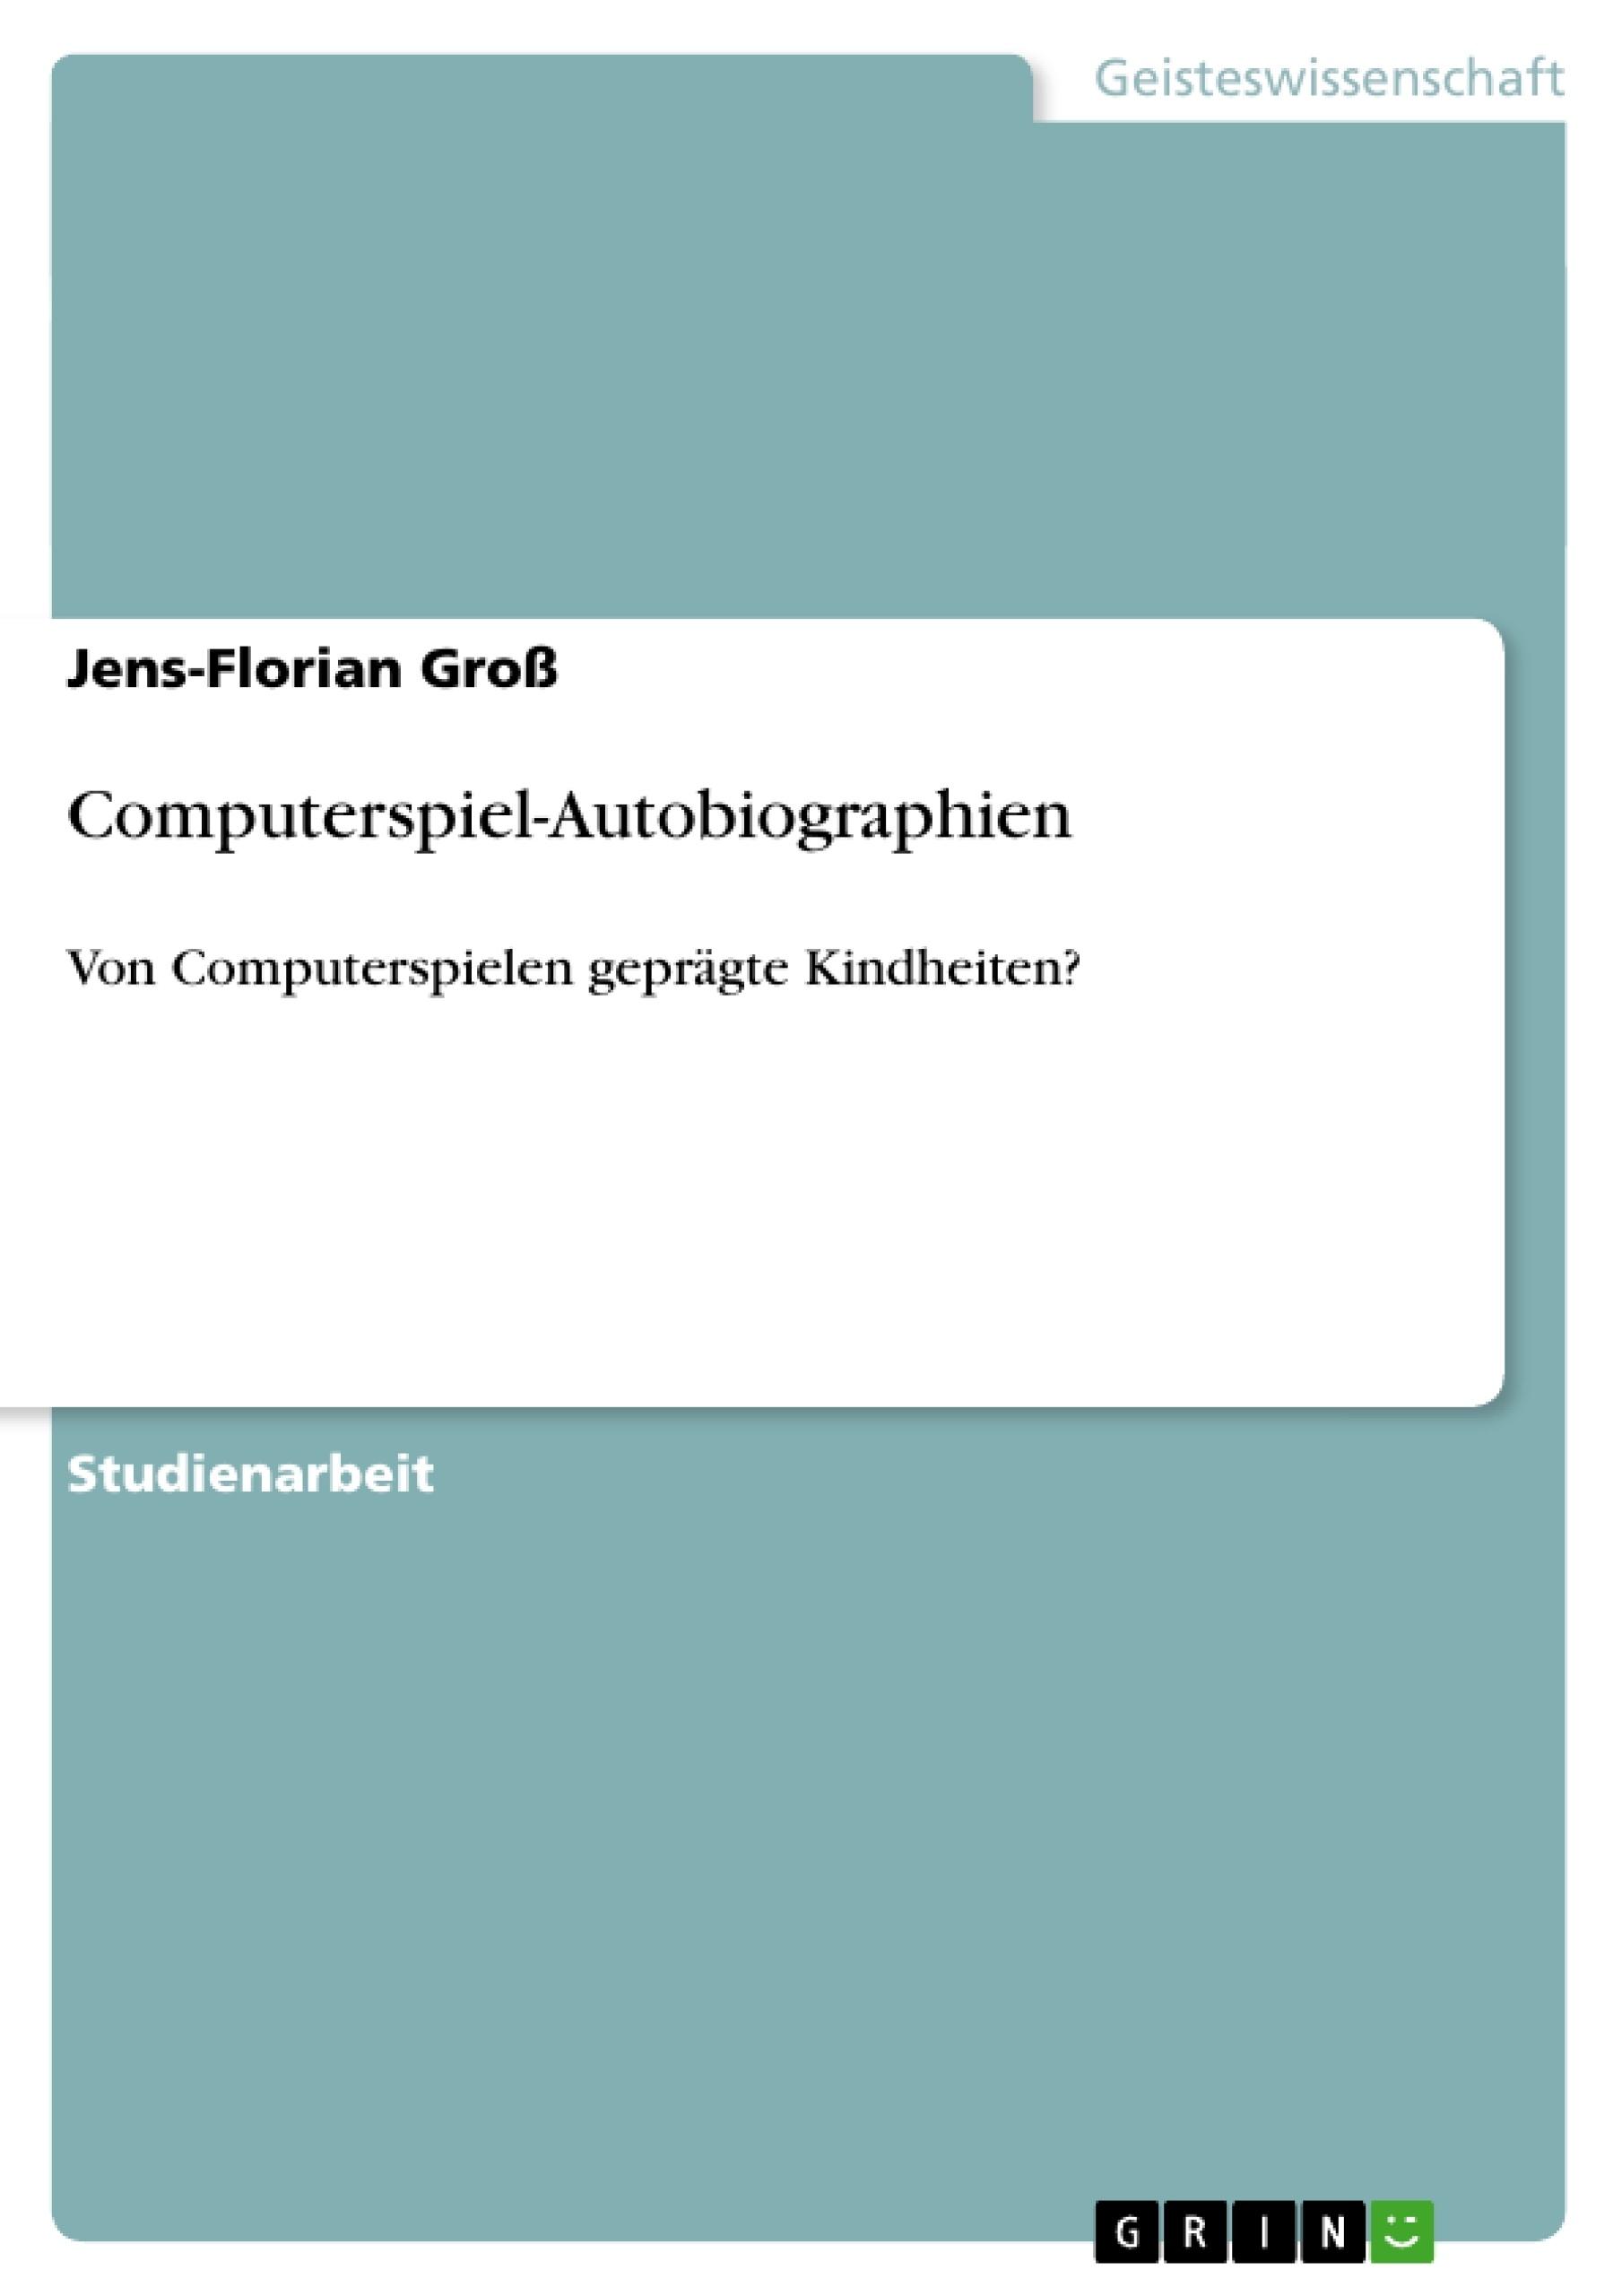 Titel: Computerspiel-Autobiographien